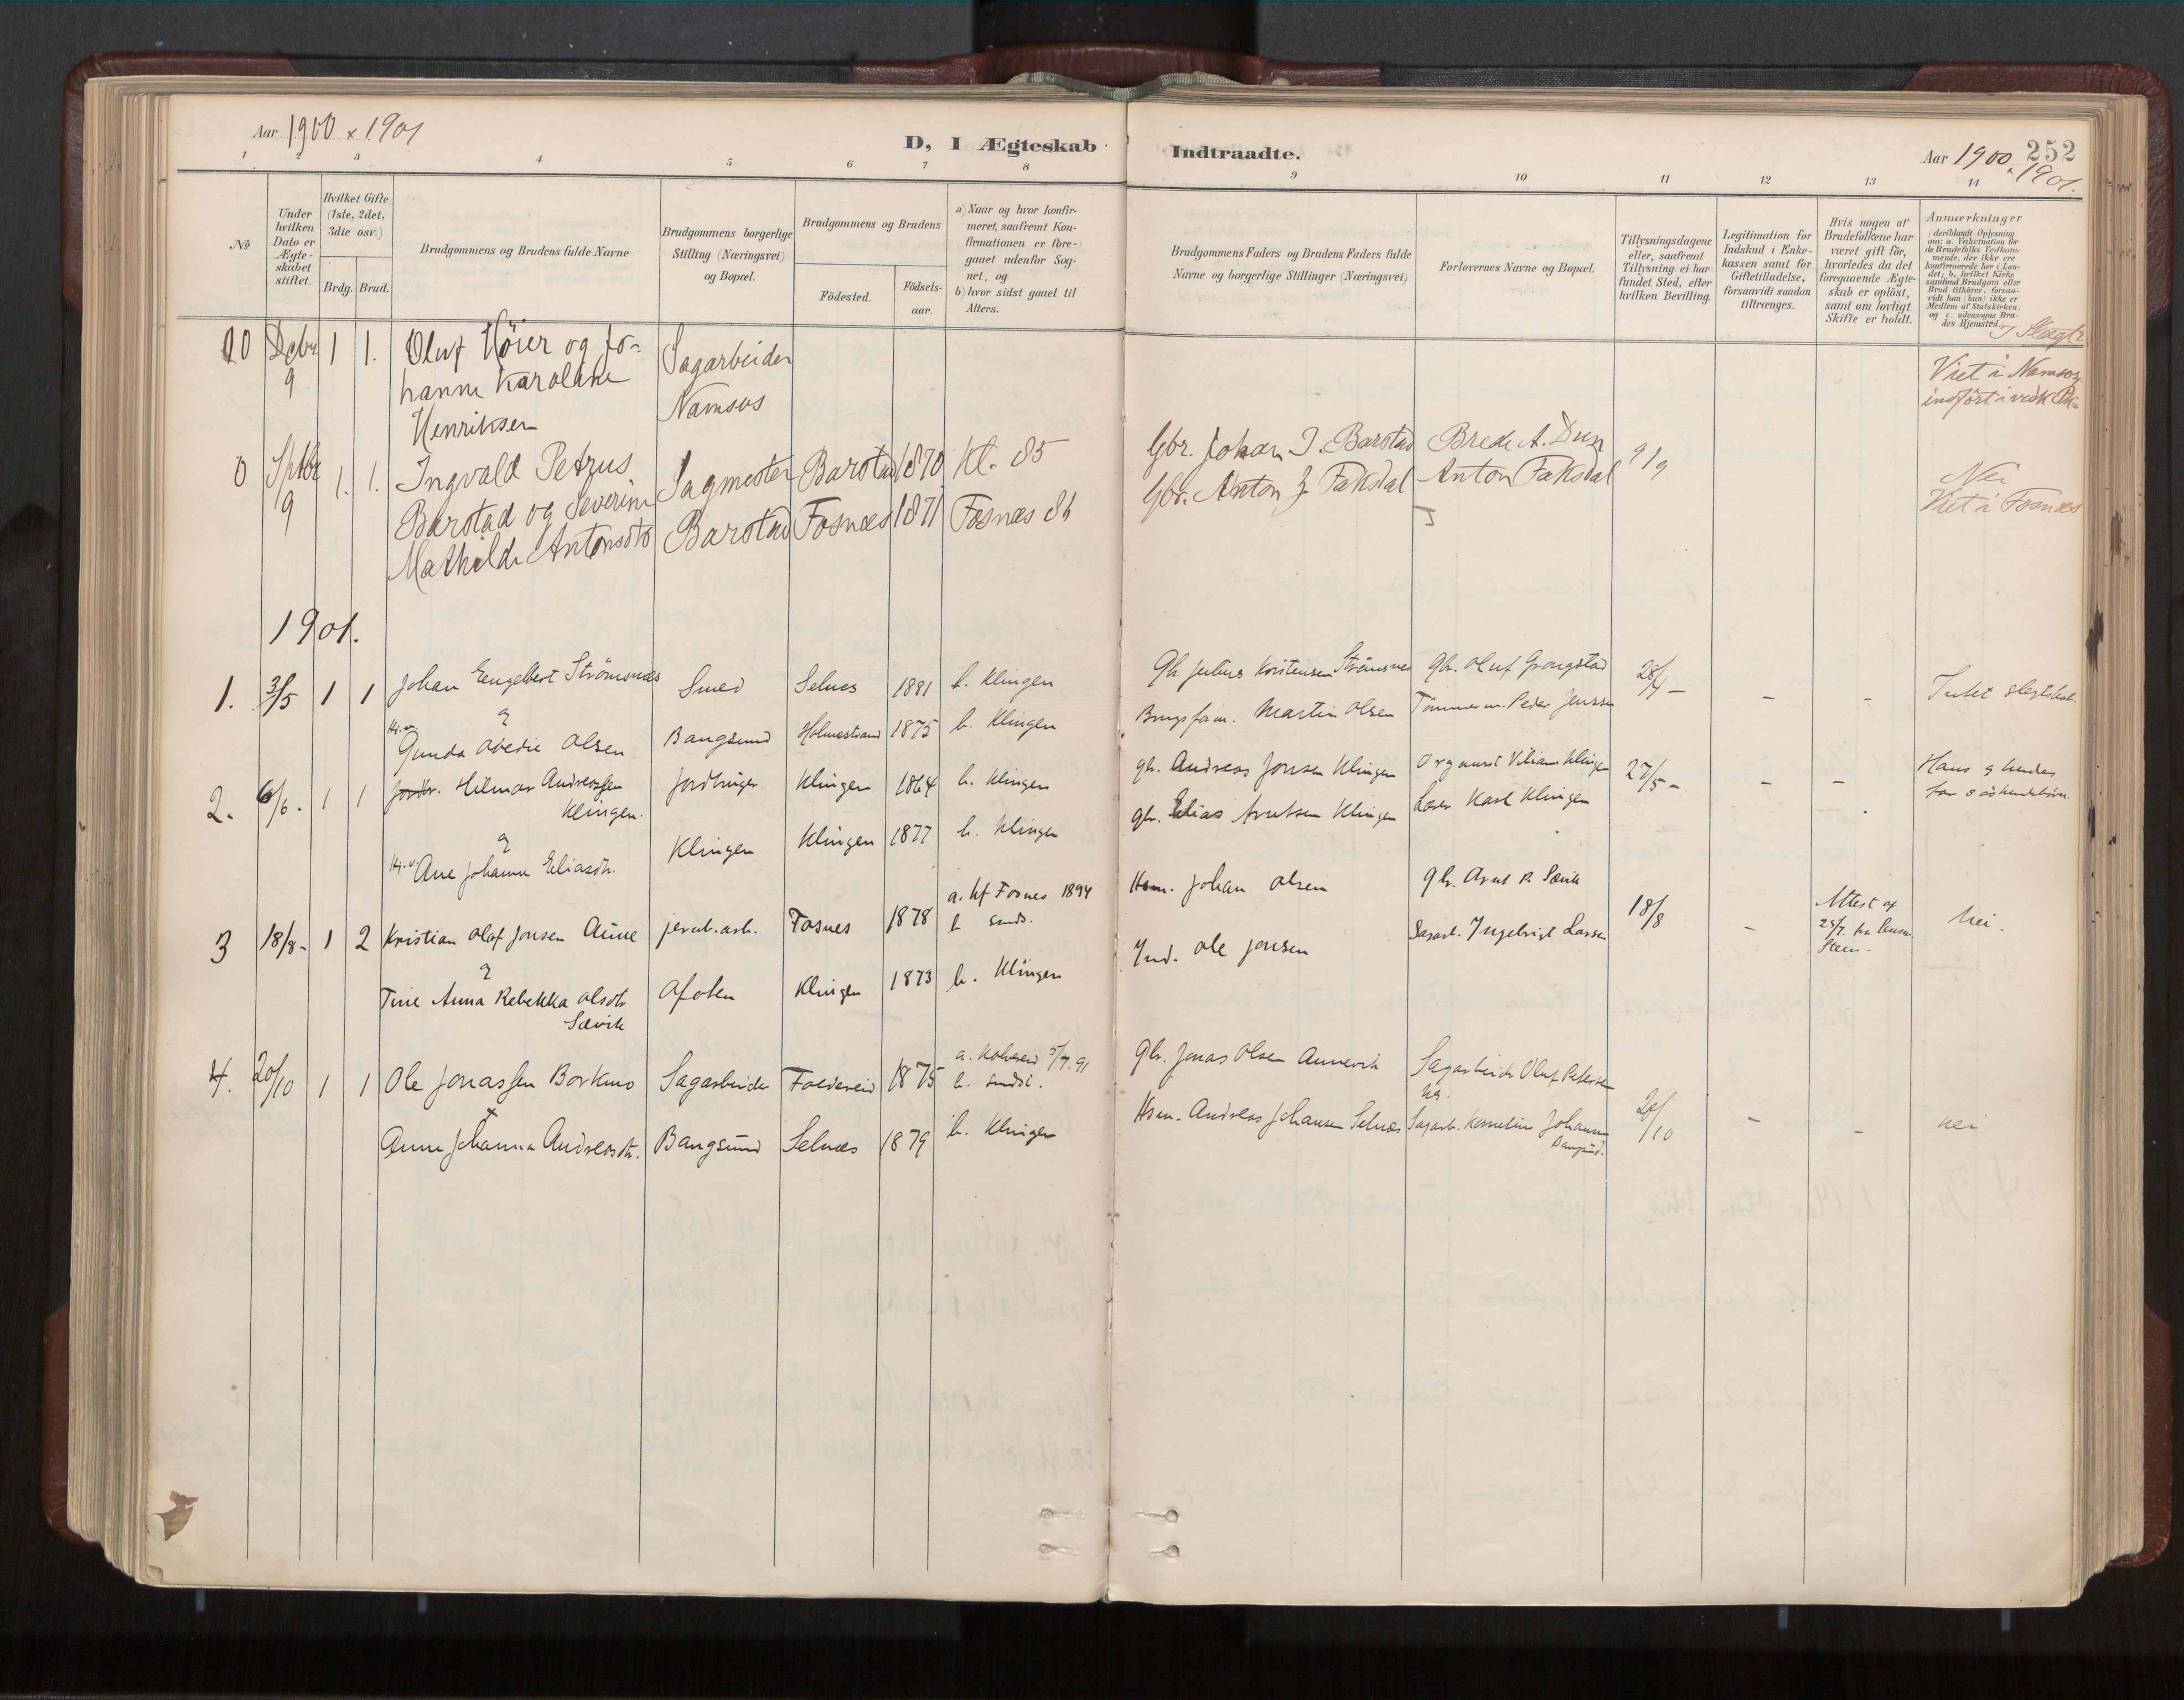 SAT, Ministerialprotokoller, klokkerbøker og fødselsregistre - Nord-Trøndelag, 770/L0589: Ministerialbok nr. 770A03, 1887-1929, s. 252